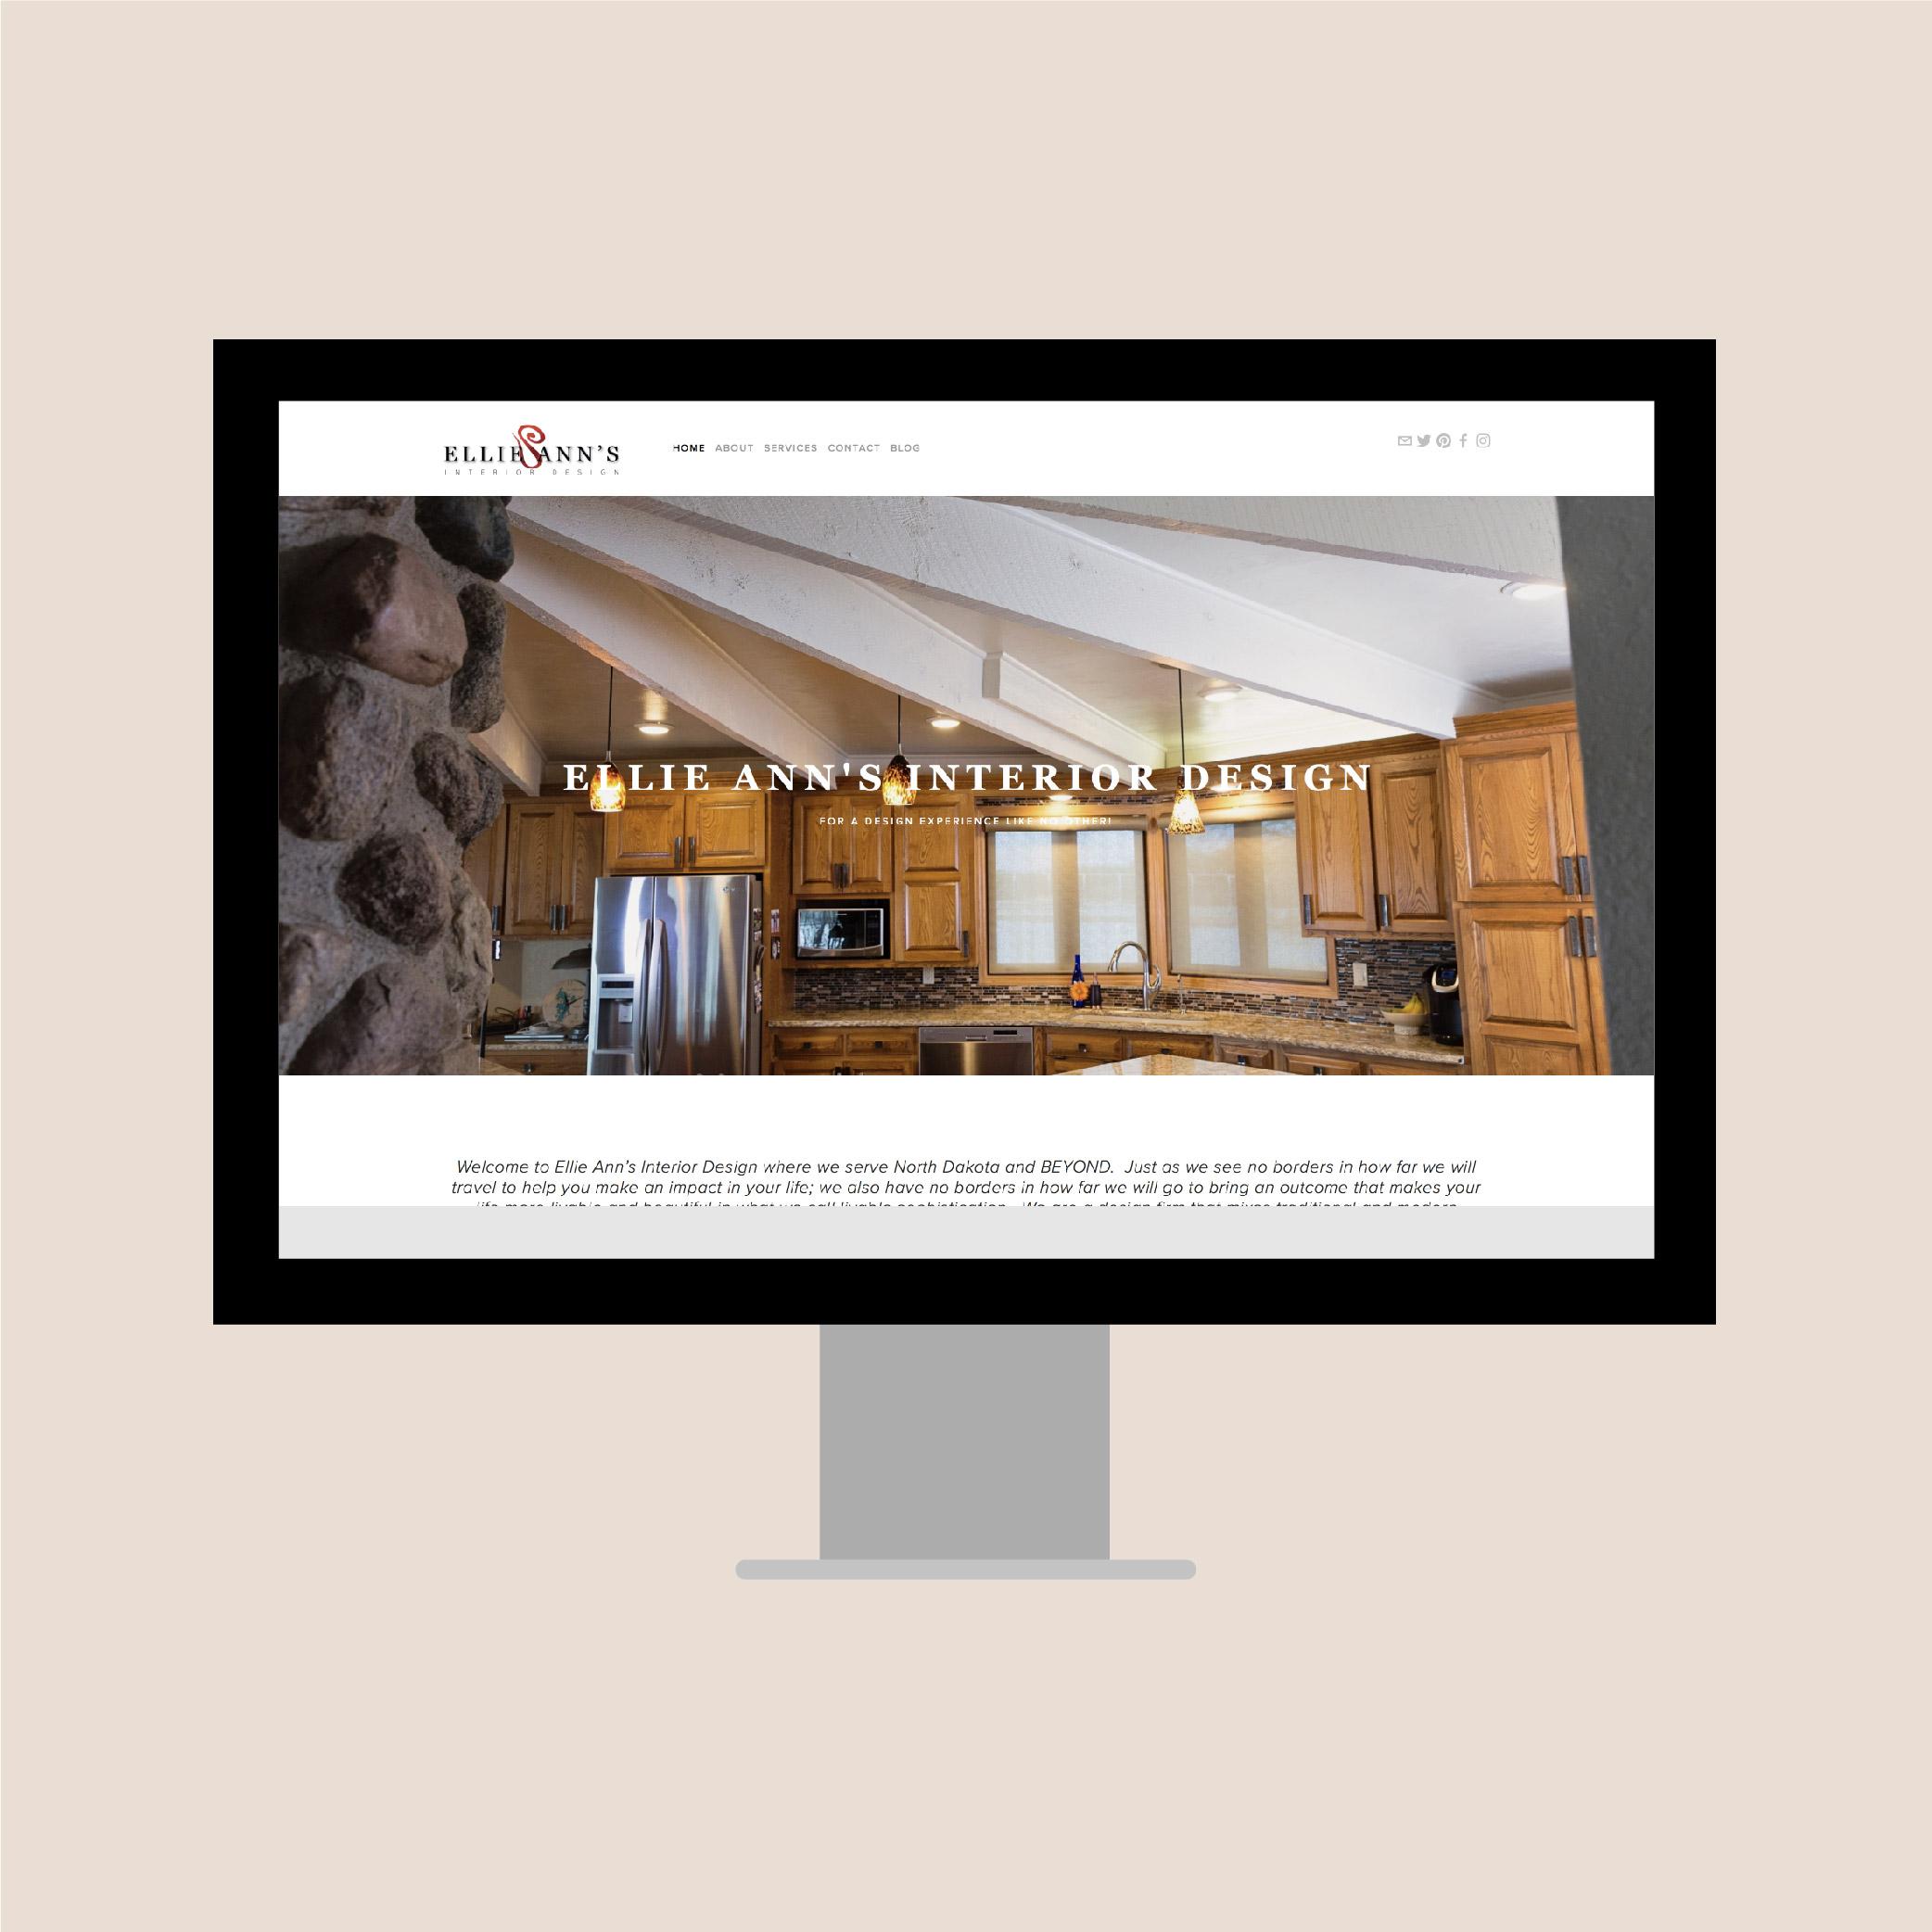 Websites_Desktop 2.jpg